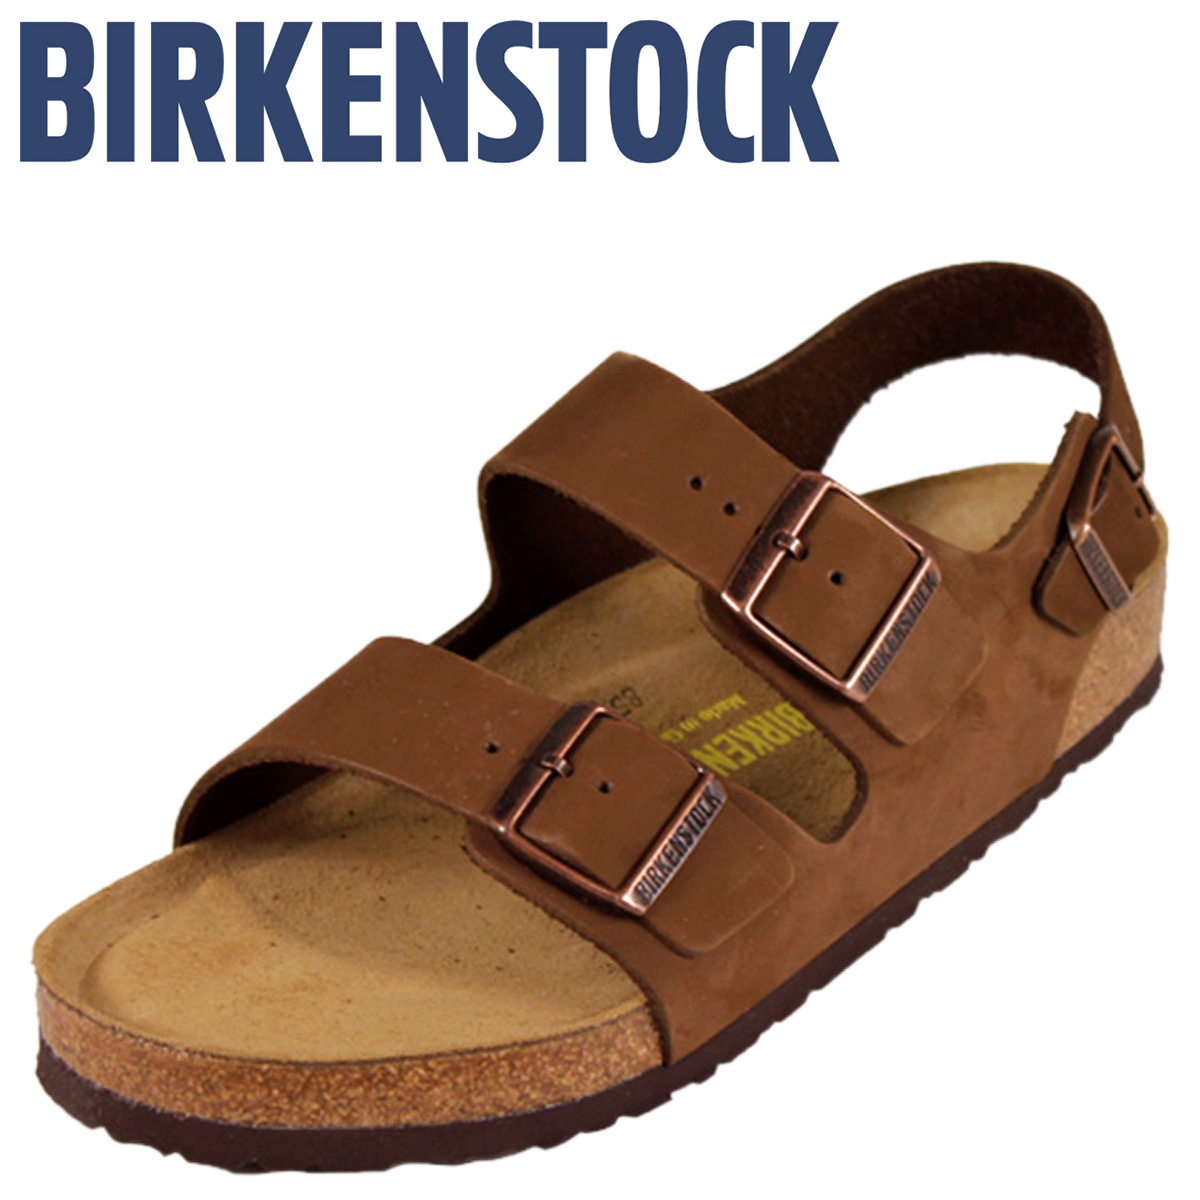 [卖出] 勃肯勃肯米兰米兰 [正常宽度软鞋垫磨砂,男装女装凉鞋房间鞋男女皆宜